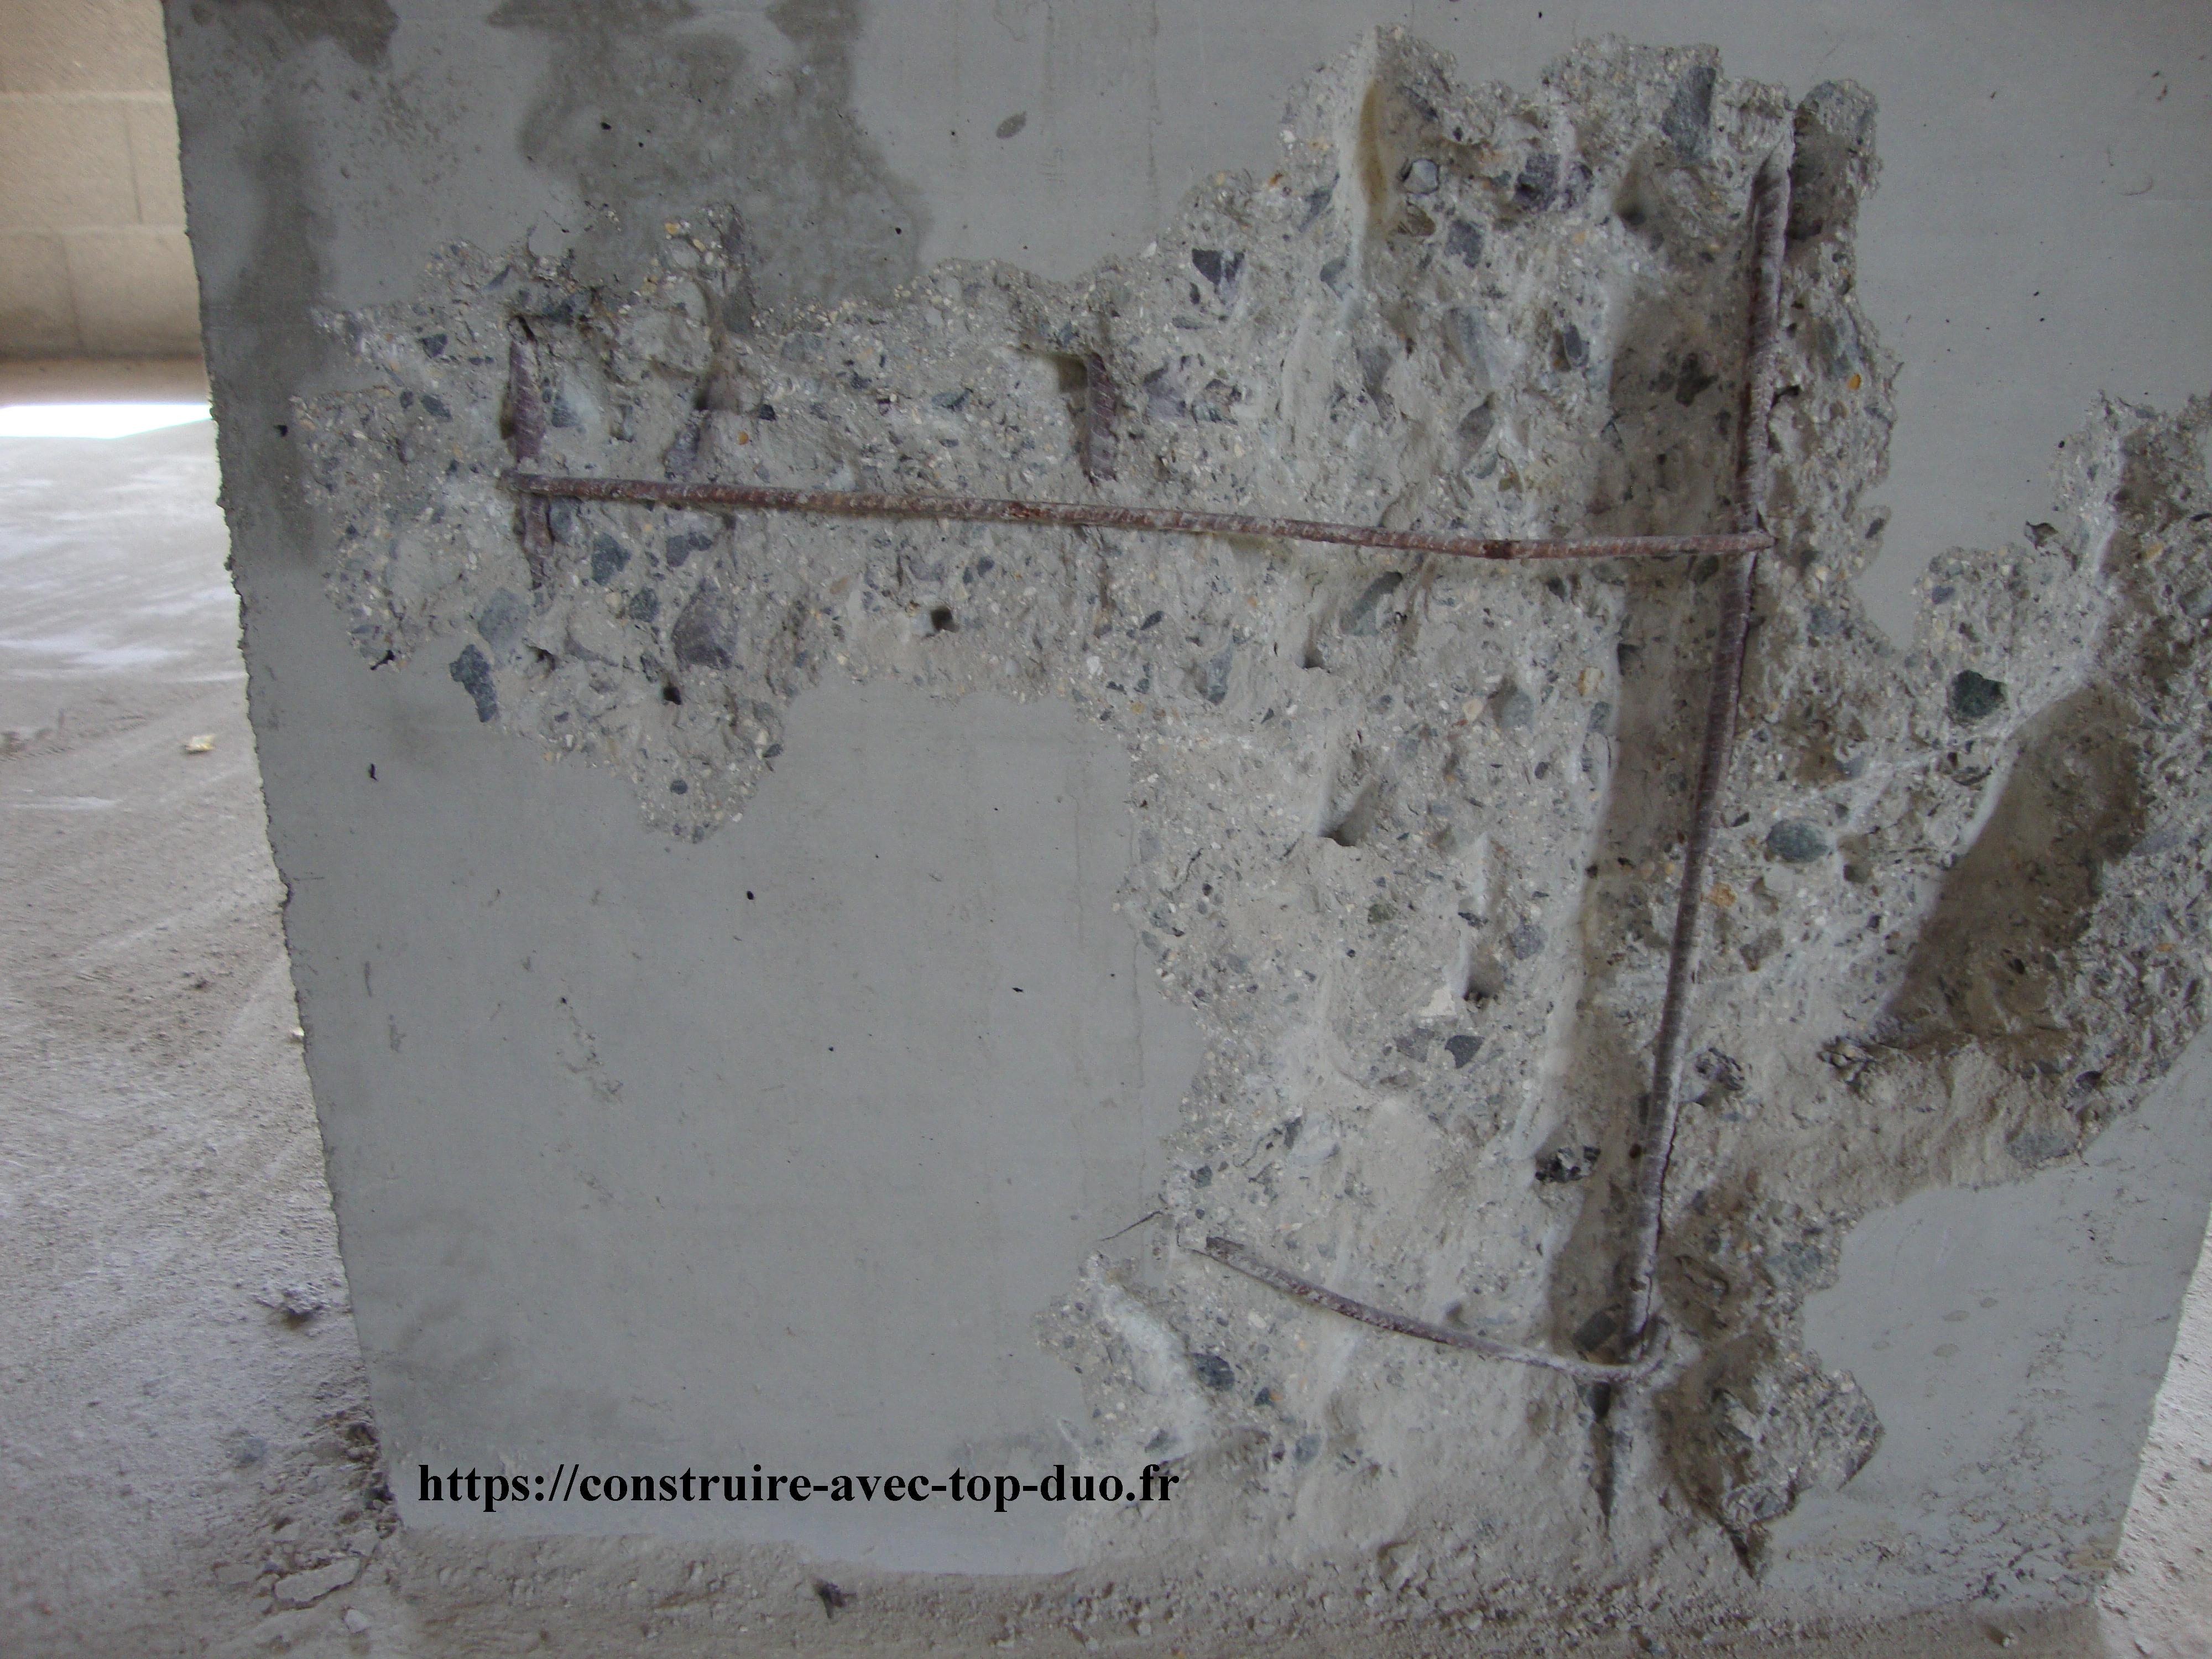 mur-porteur-maison-top-duo-ast-groupe malfaçons